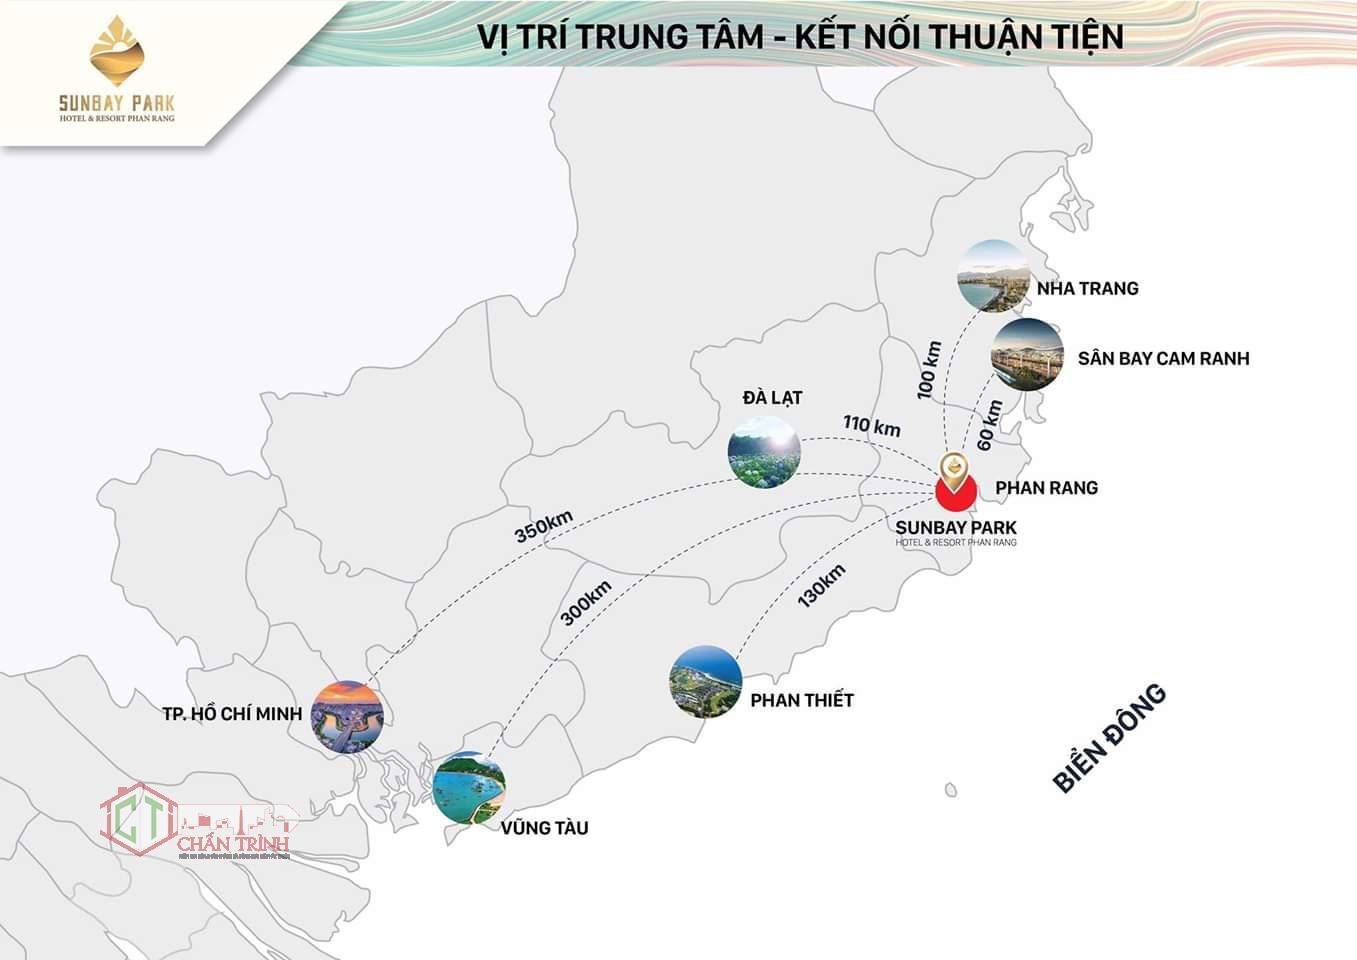 Vị trí Sunbay Park Hotel & Resort Phan Rang Ninh Thuận